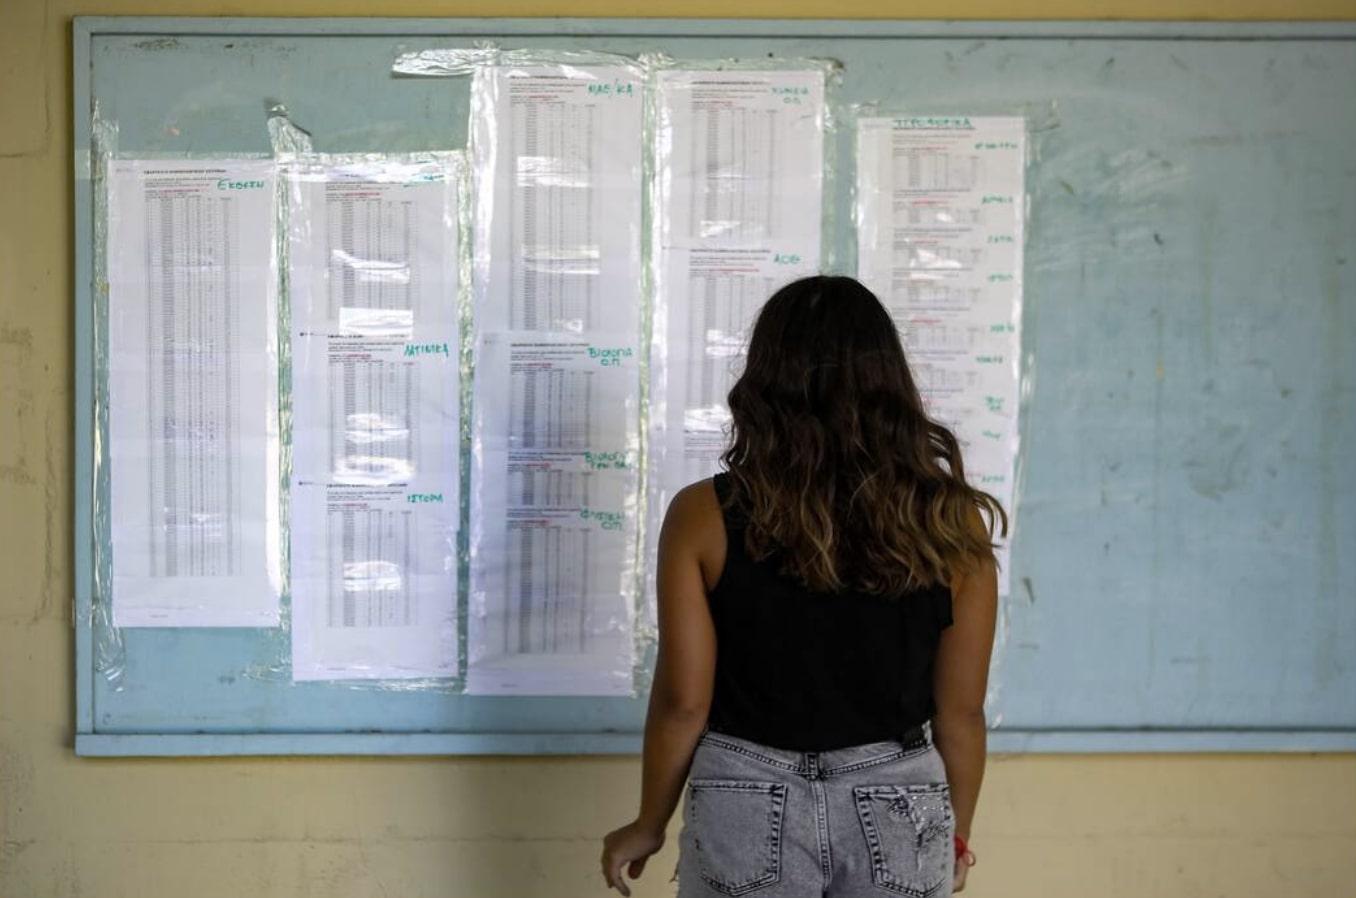 Μετεγγραφές Φοιτητών: Καθορίστηκαν οι Αντιστοιχίες των Τμημάτων για το 2020-2021